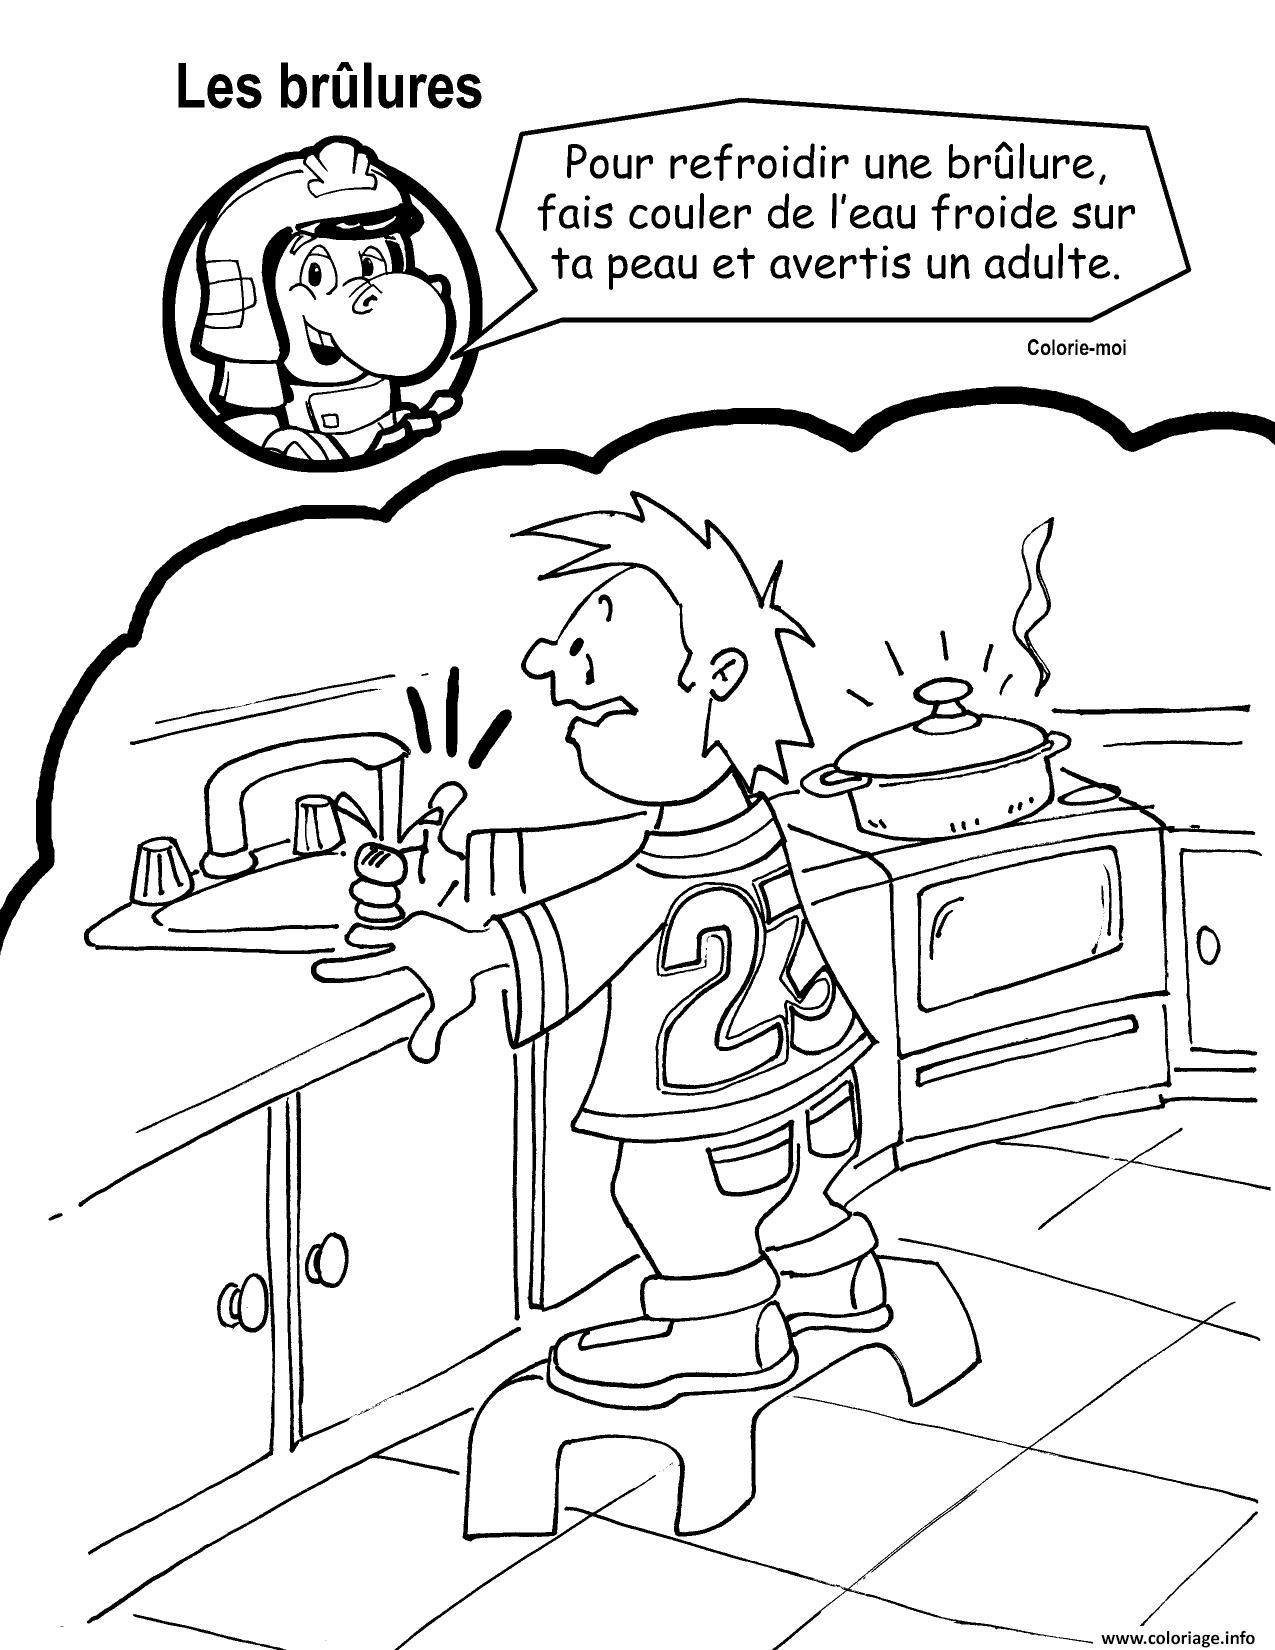 Dessin Refroidir une brulure eau froide par Crocfeu Coloriage Gratuit à Imprimer